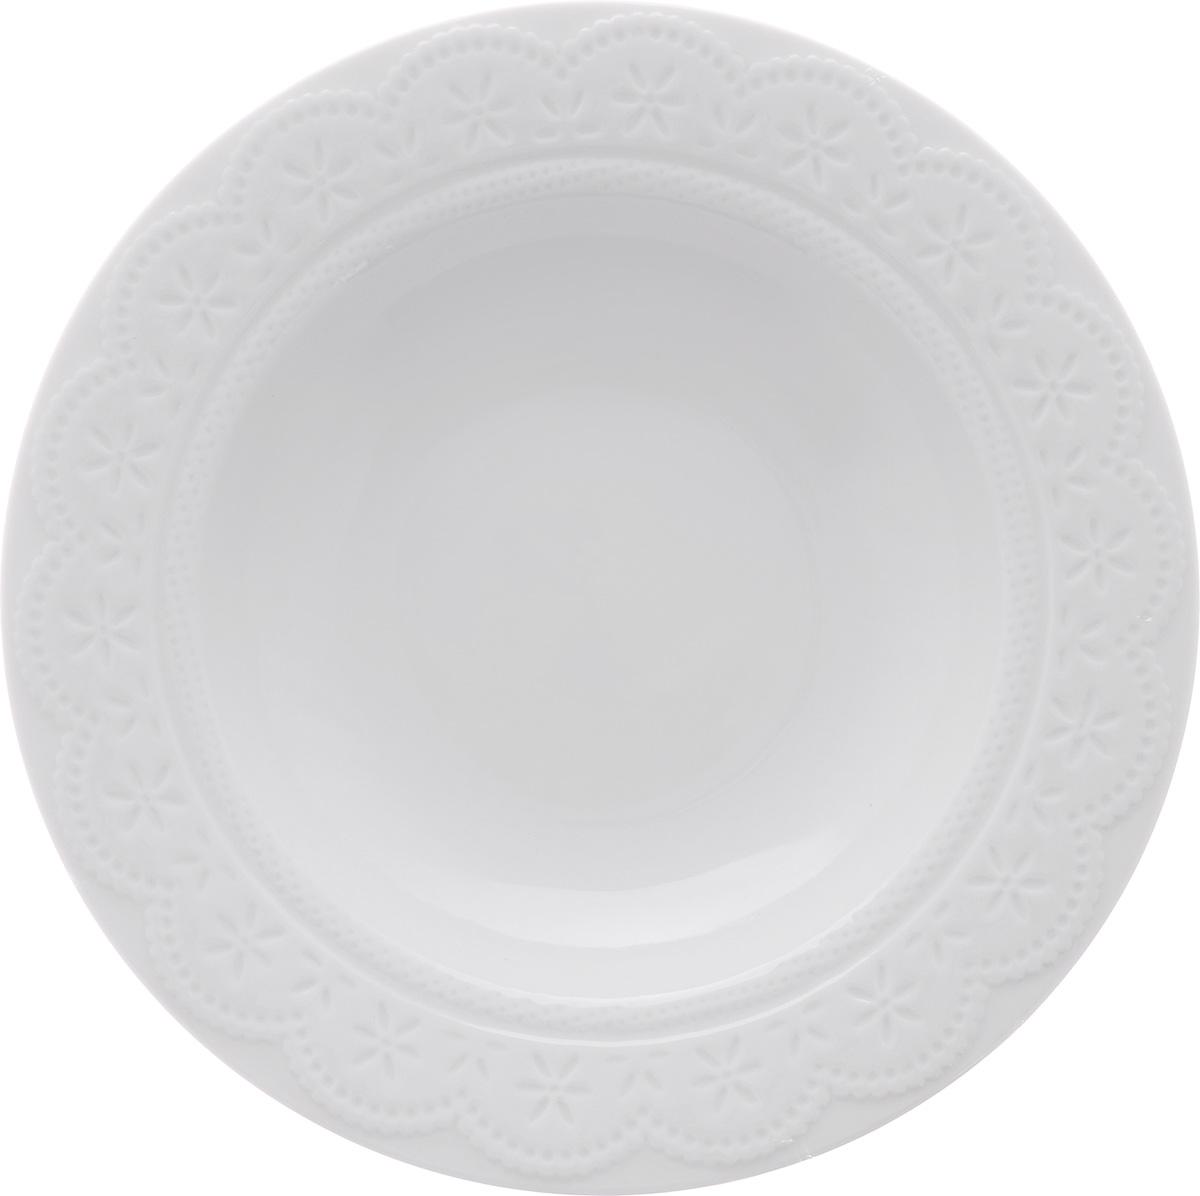 Тарелка суповая Walmer Charlotte, цвет: белый, диаметр 22 см115510Суповая тарелка Walmer Charlotte, выполненная из высококачественного фарфора, декорирована рельефным орнаментом. Изящный дизайн придется по вкусу и ценителям классики, и тем, кто предпочитает утонченность. Суповая тарелка Walmer Charlotte, идеально подойдет для сервировки стола и станет отличным подарком к любому празднику.Можно использовать в микроволновой печи и мыть в посудомоечных машинах.